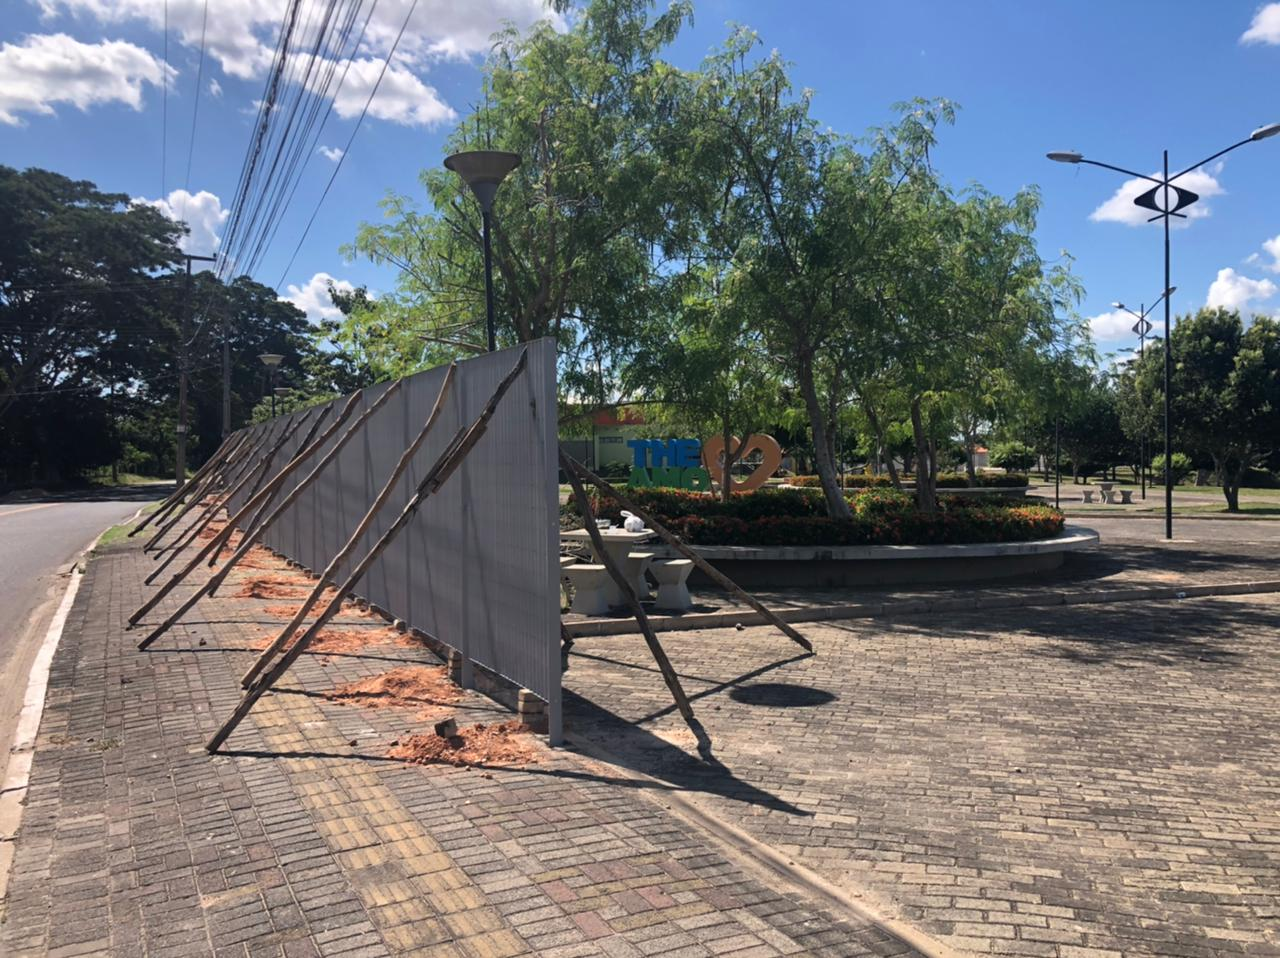 Grades vão proteger equipamentos públicos, diz representante da Prefeitura. Crédito: Lucrécio Arrais.